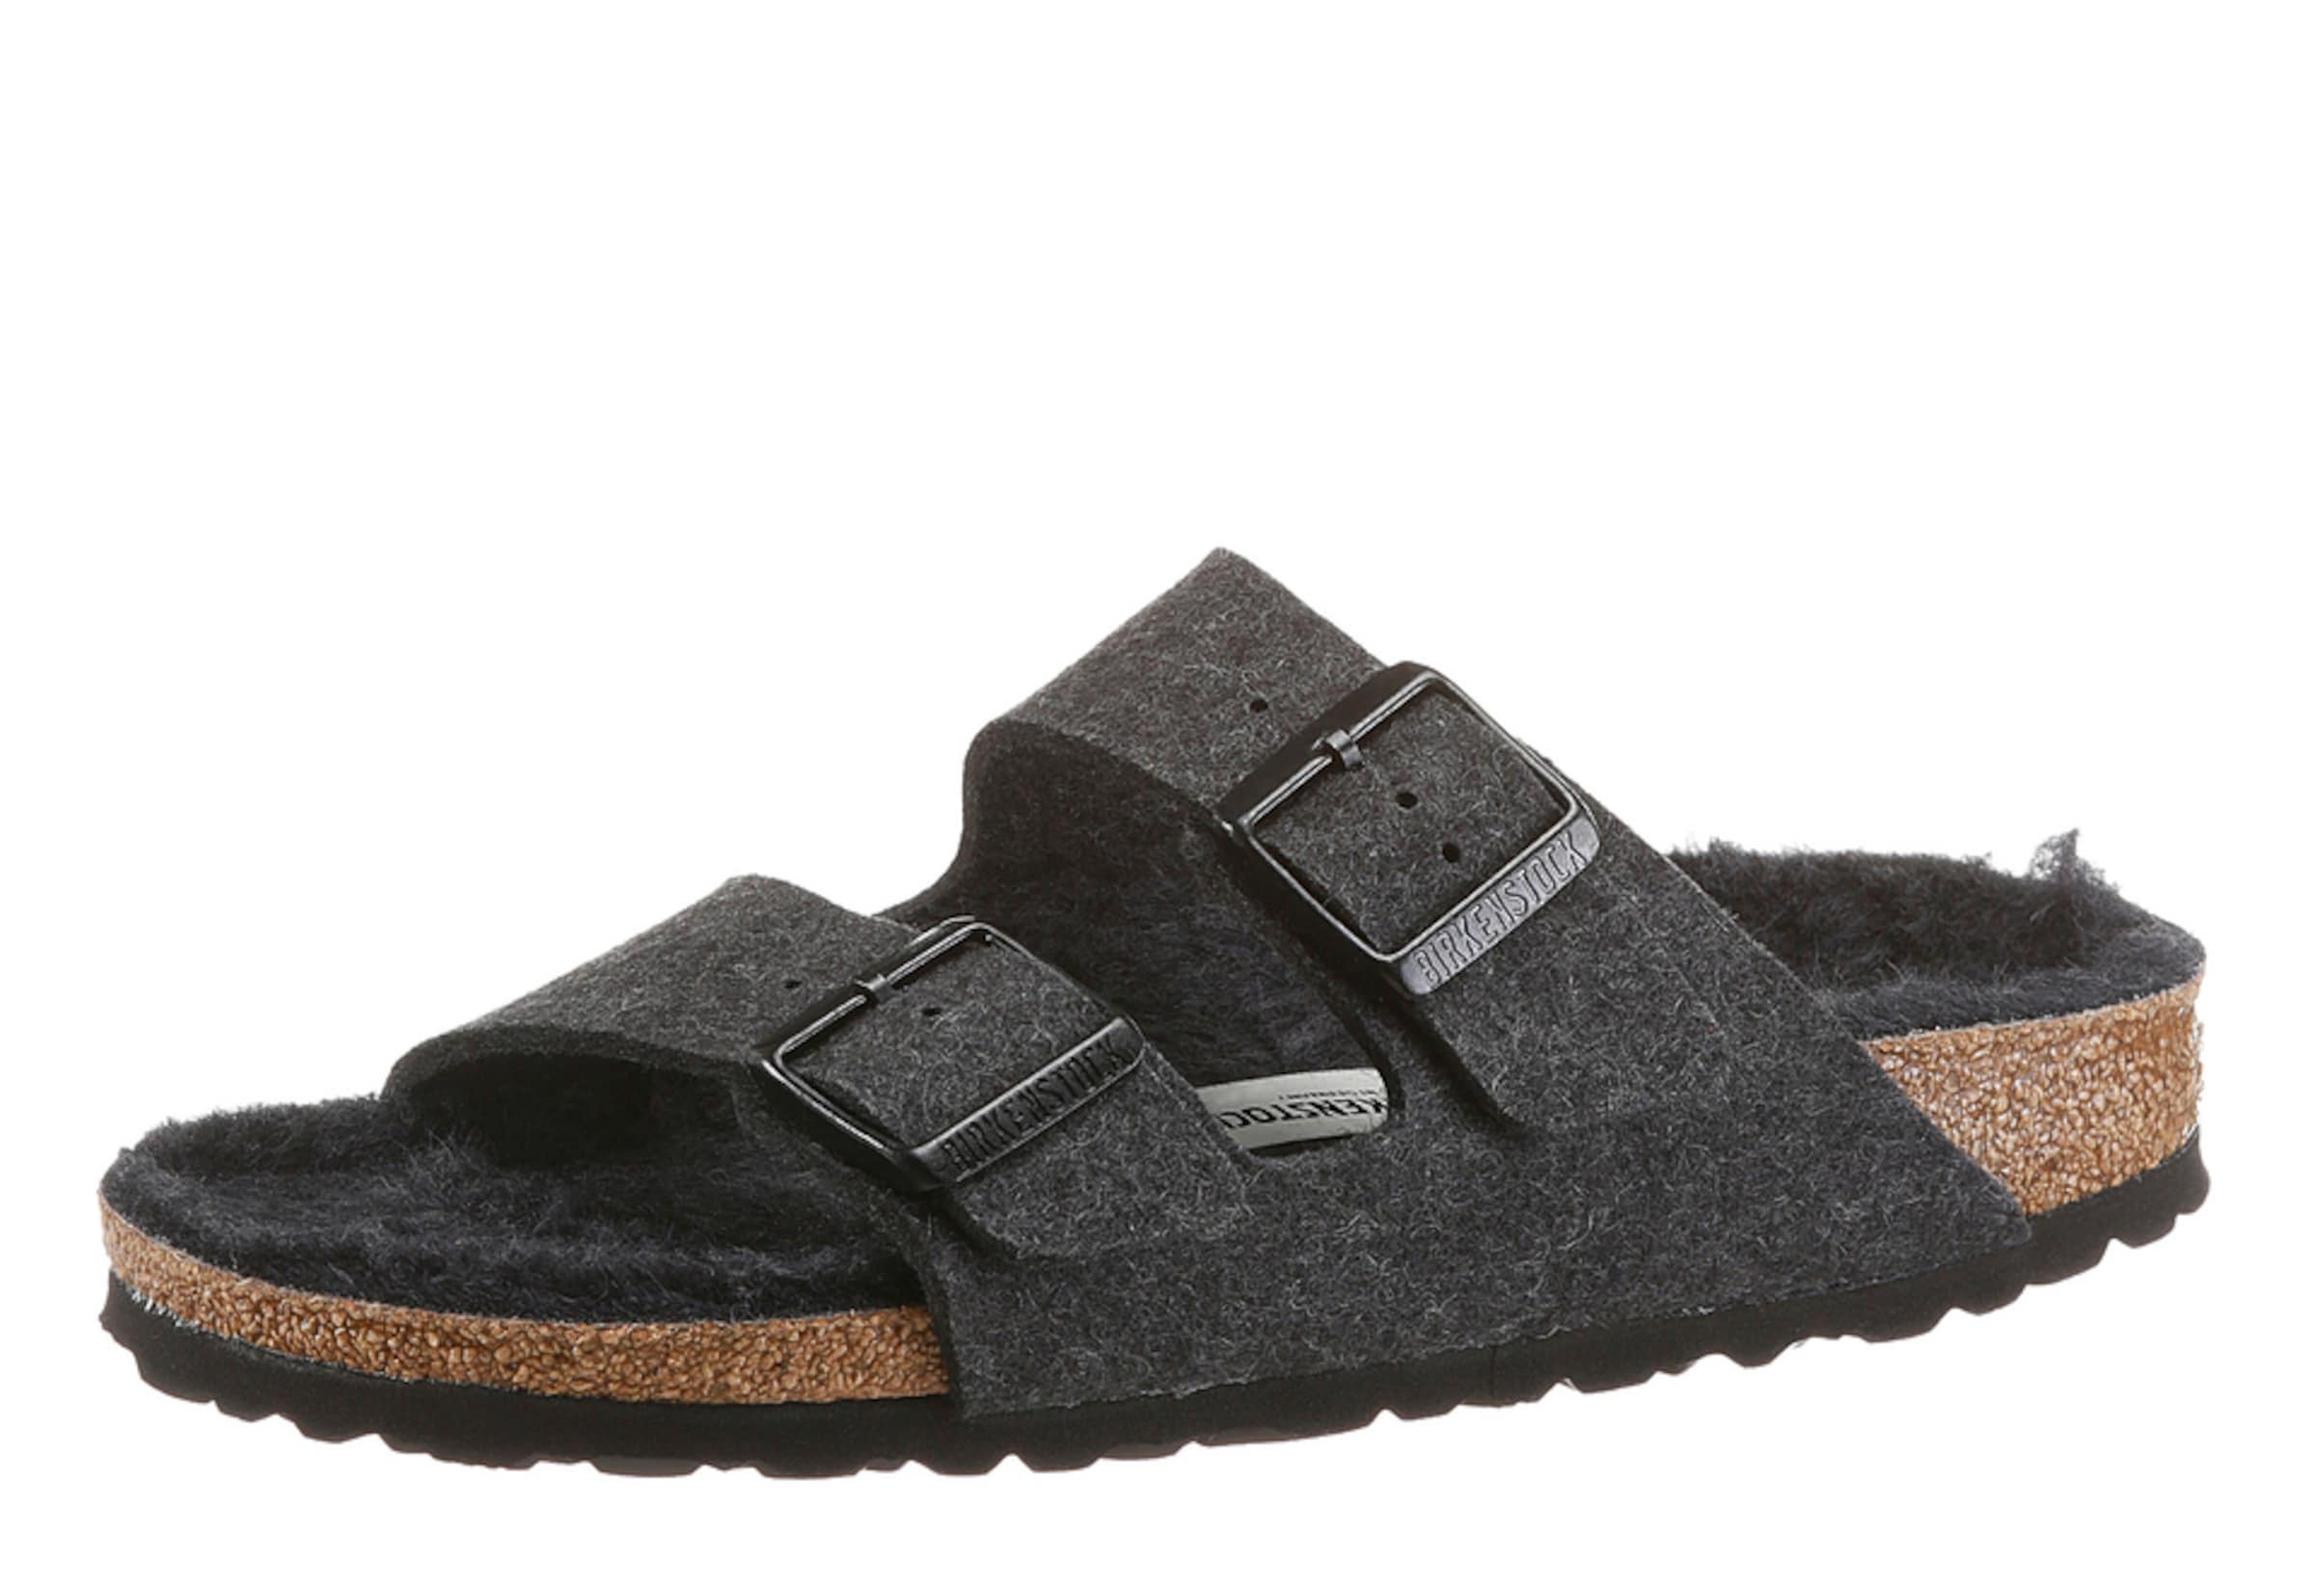 Qualität Outlet-Store Preiswerter Preis Fabrikverkauf BIRKENSTOCK Sandale Arizona WZ Billig Große Überraschung Steckdose Neue Stile Besuchen Online UceptjBxOO